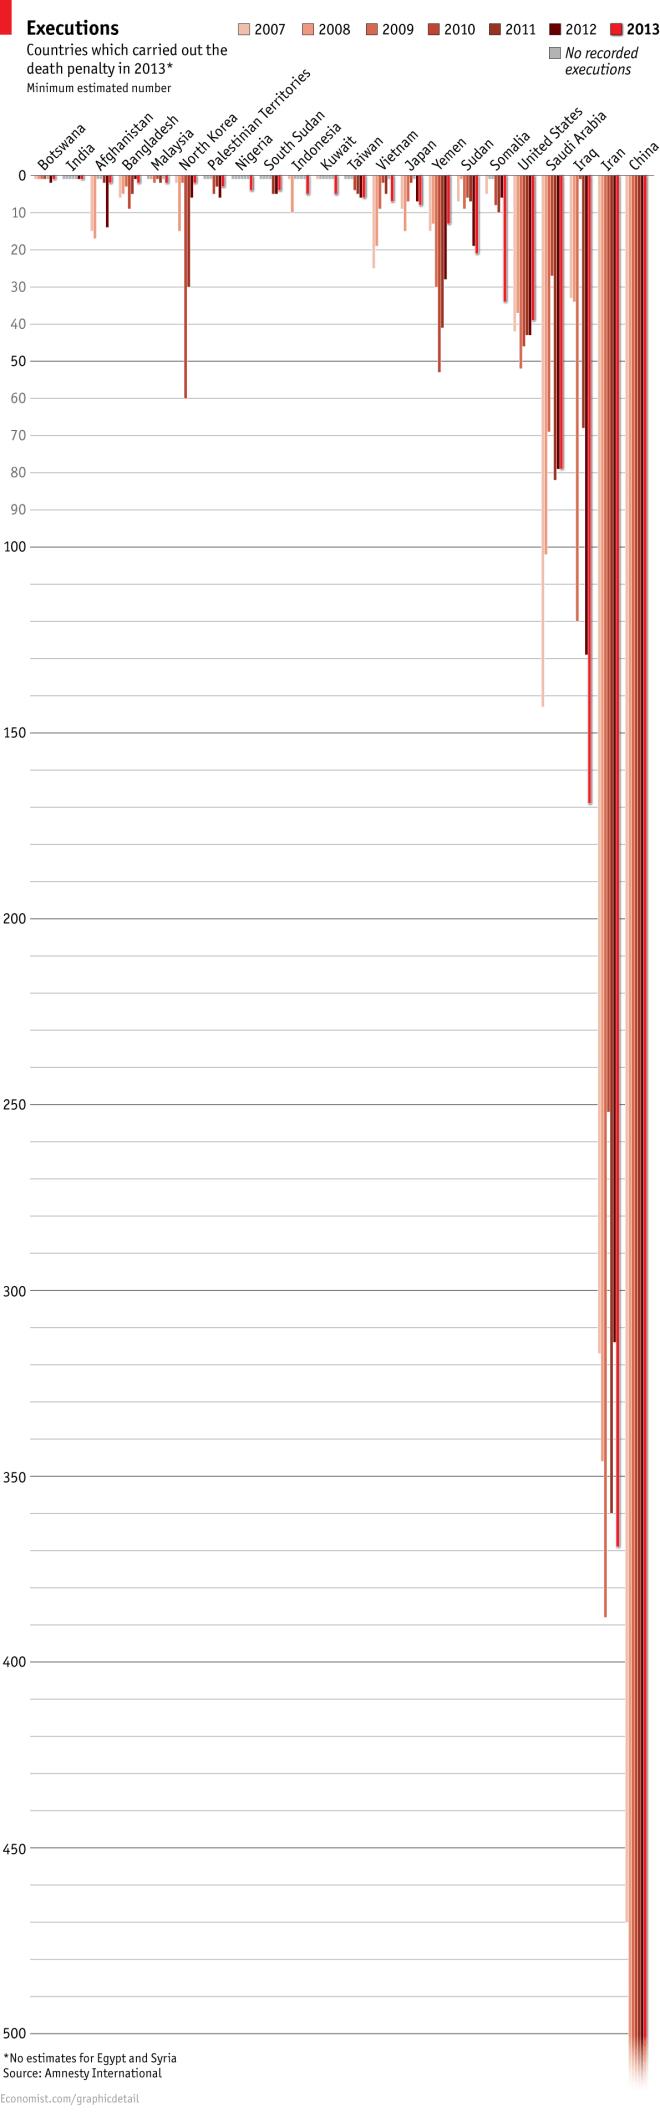 The Economist, Executions